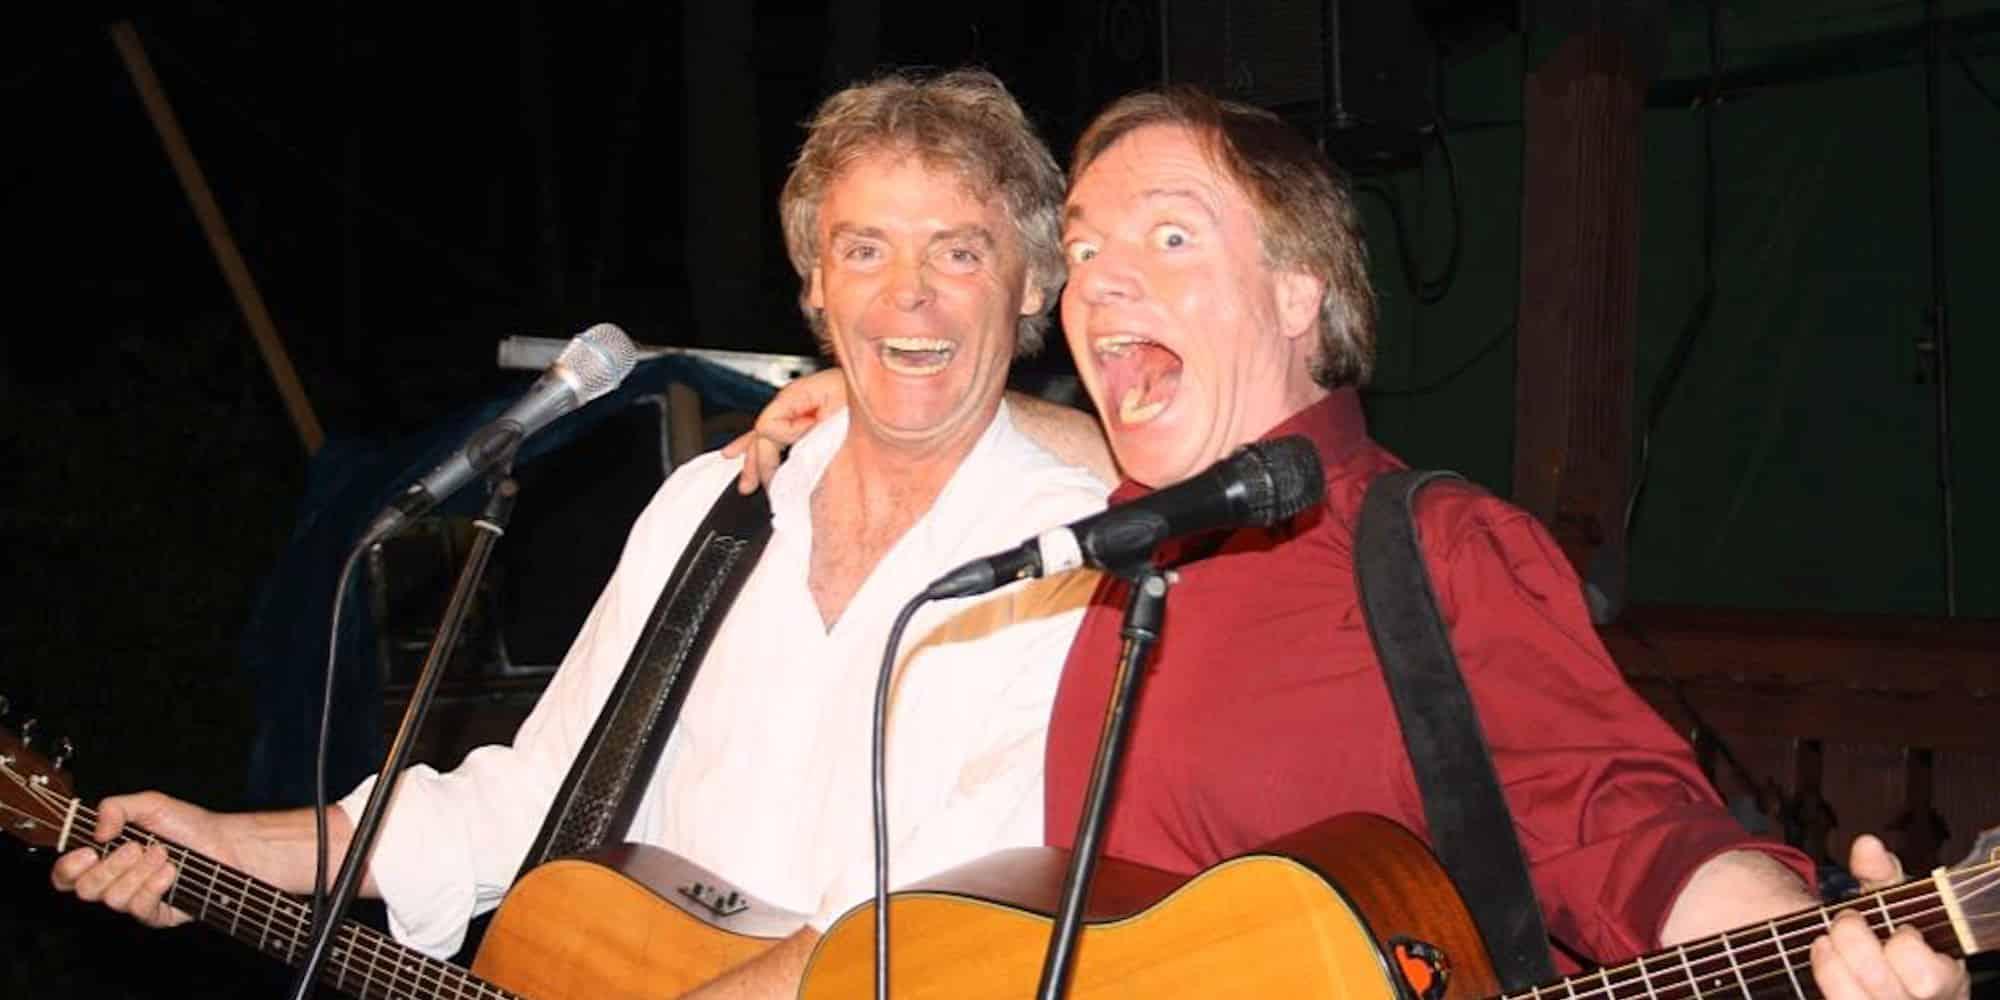 MARKnSIMON - seit 40 Jahren Musik und Comedy